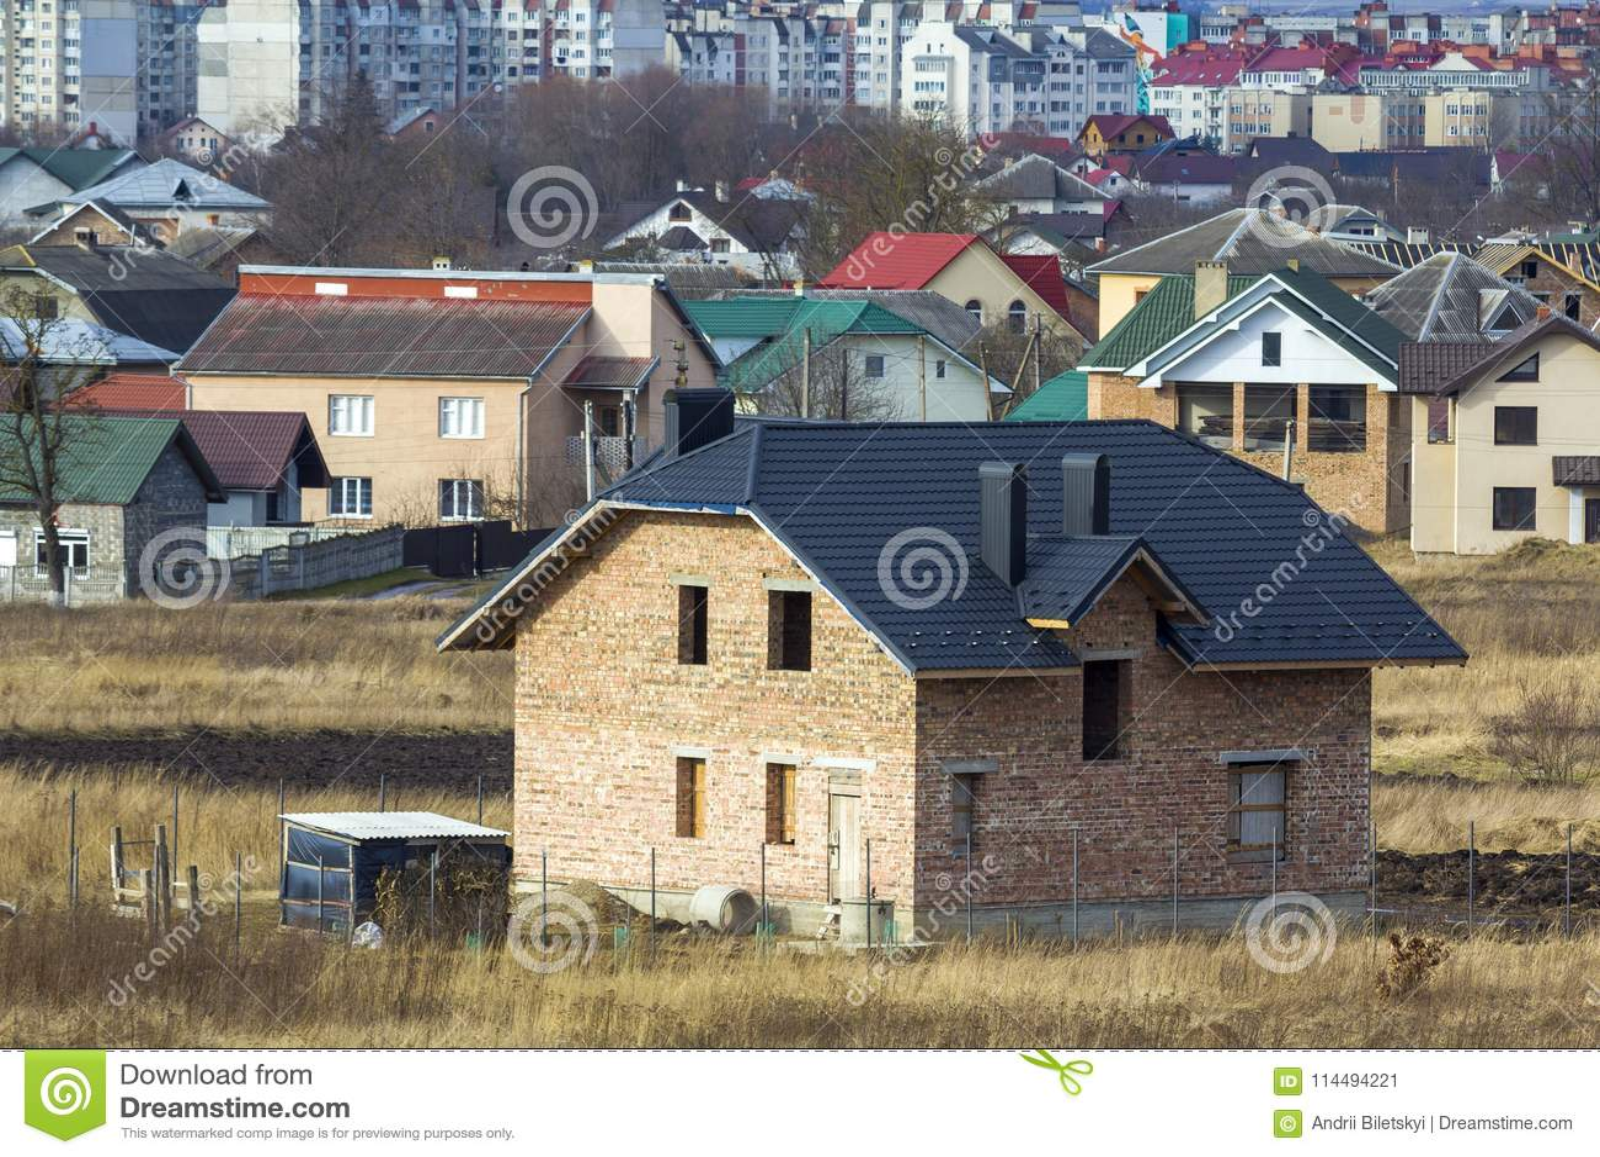 Ολοκαίνουργιο ευρύχωρο τούβλο δύο κατοικημένο σπίτι ιστορίας με την επικεράμωση των ενάρξεων στεγών και παραθύρων στην προαστιακή